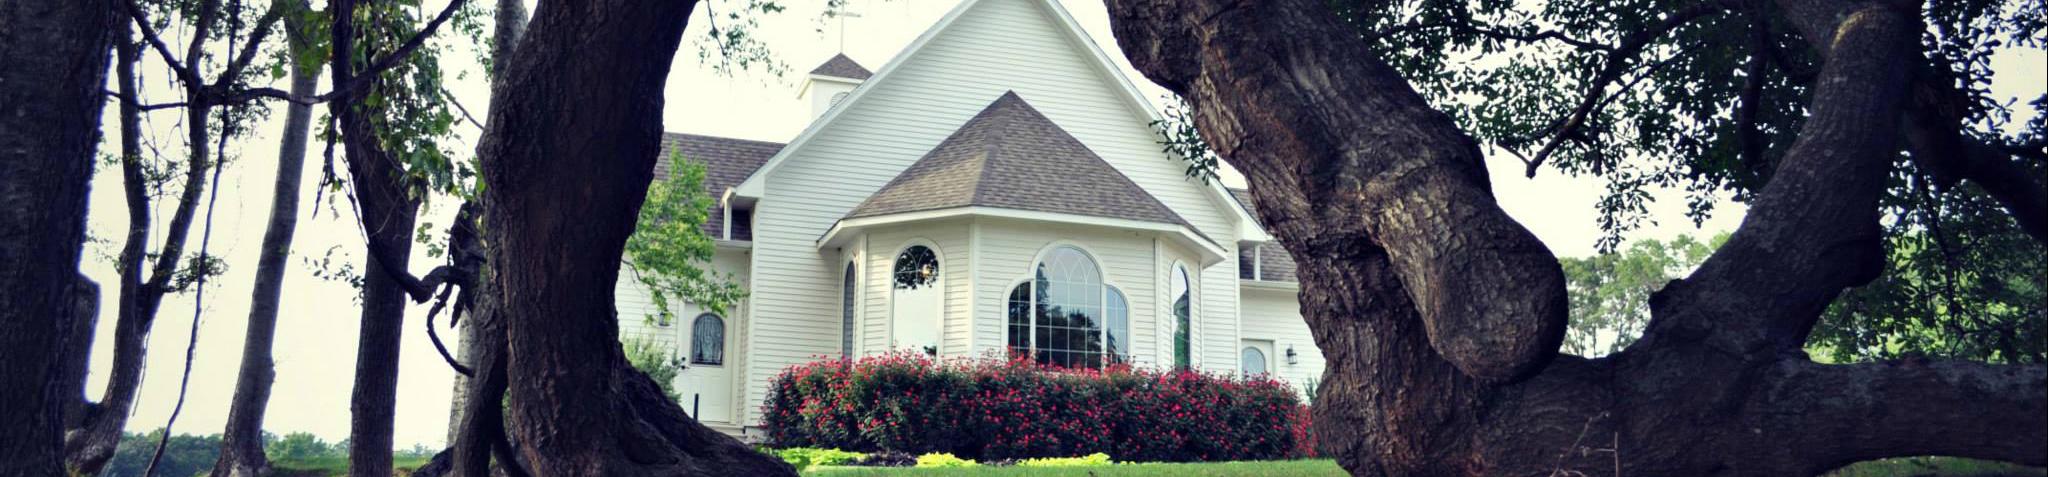 Wedding Venue Blog - Bella Sera Ranch East Texas Wedding Venue